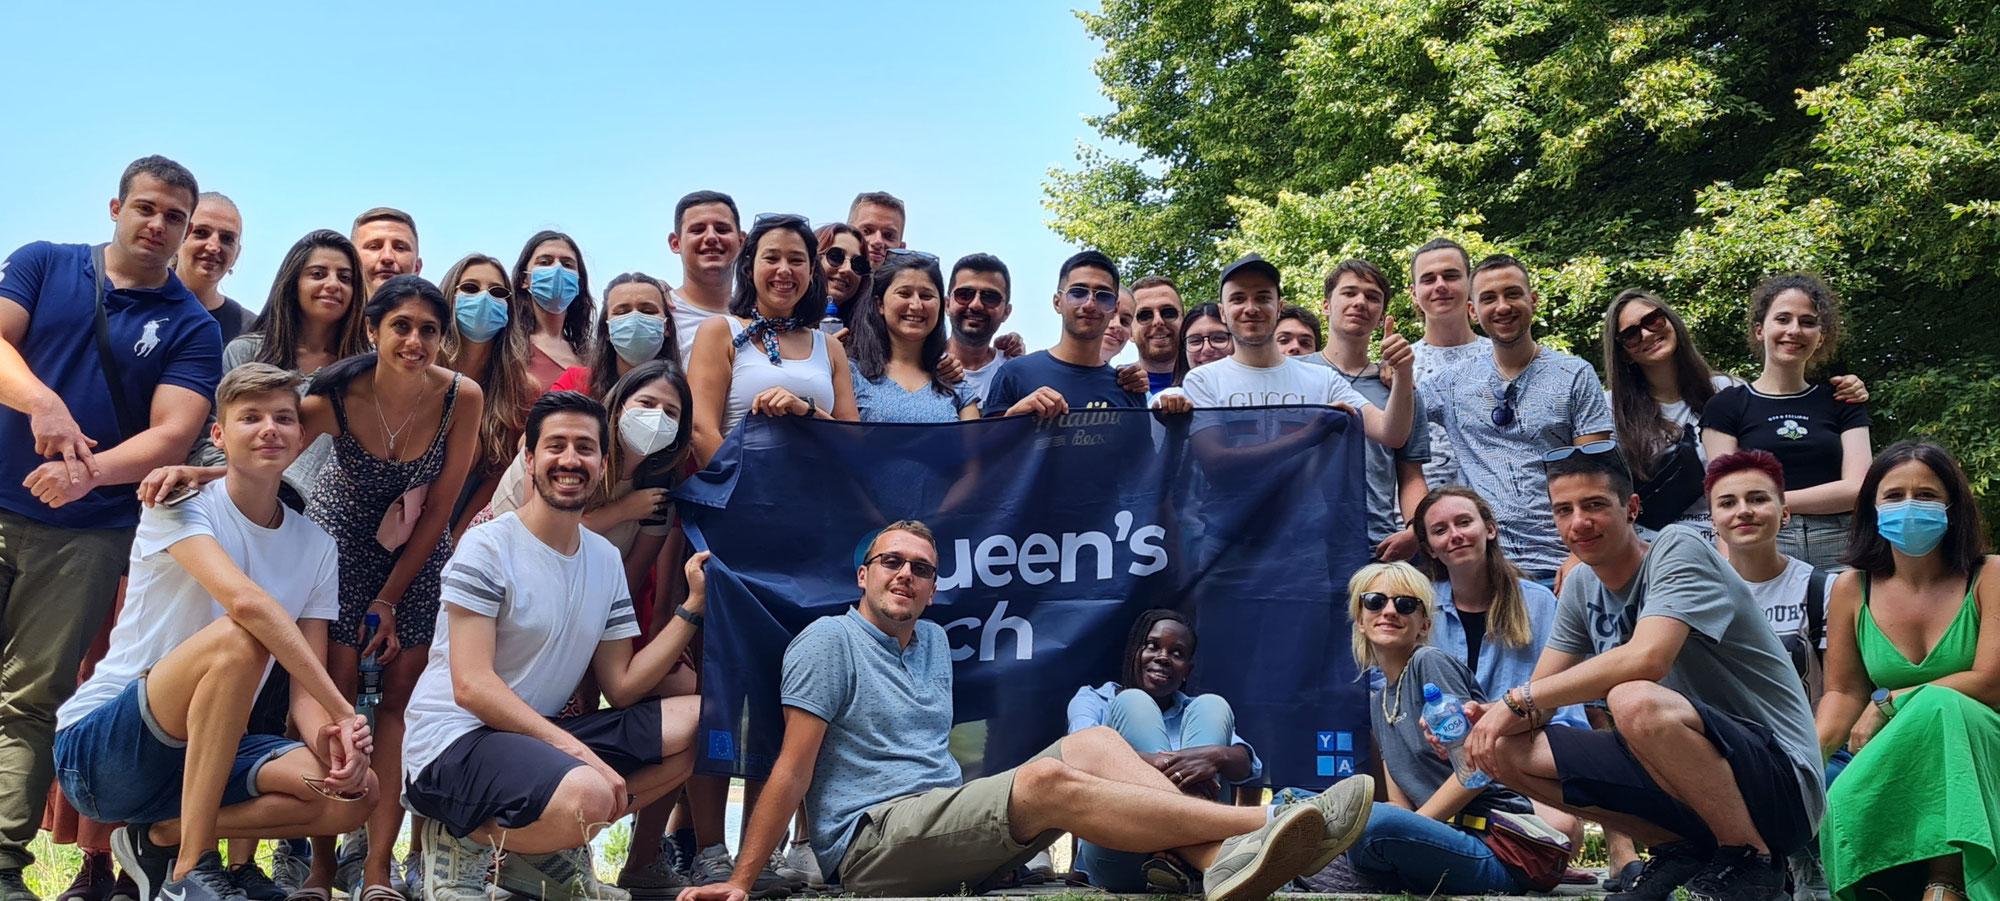 """Ο ΟΕΝΕΦ σε συνεργασία με το """"Youth Alliance Krusevo - YAK"""" ολοκλήρωσε το Σχέδιο """"Queen's Tech"""" του προγράμματος Erasmus+."""